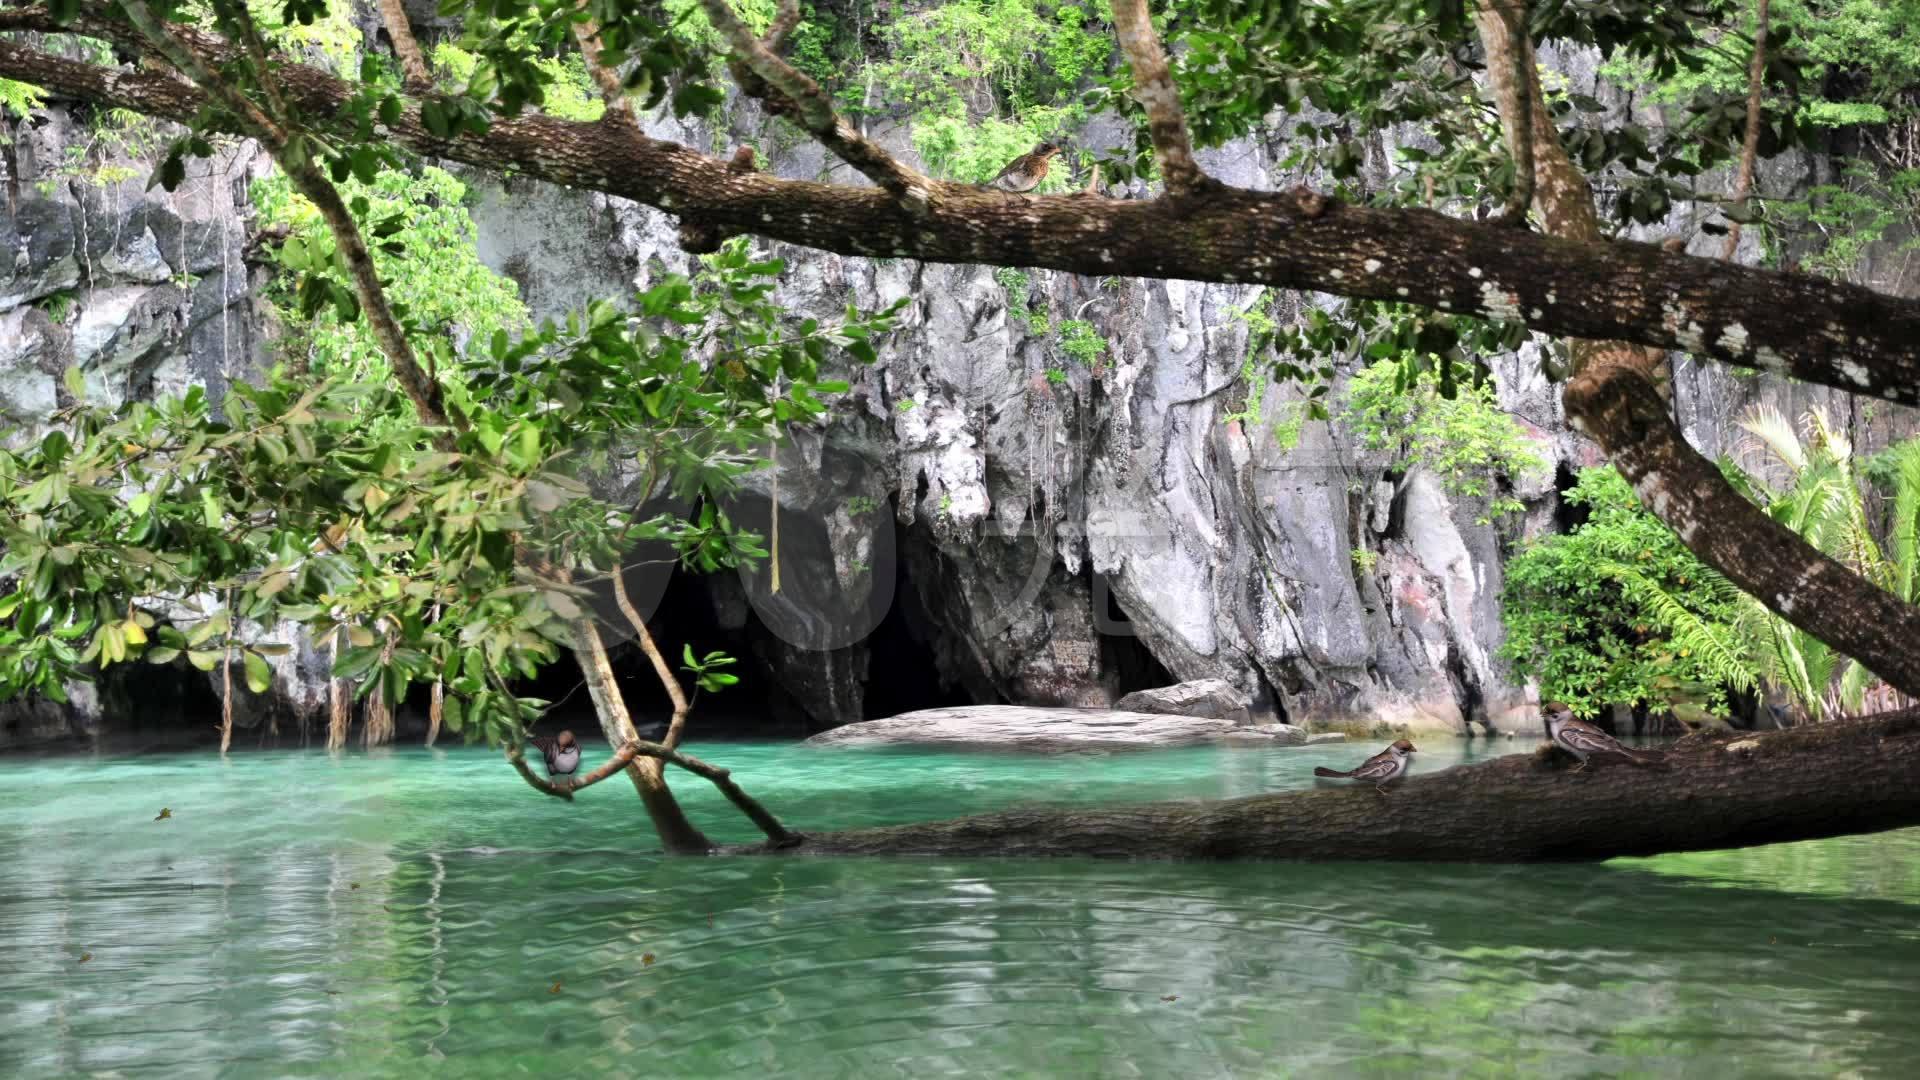 溪流水溶洞口小鸟树叶场景